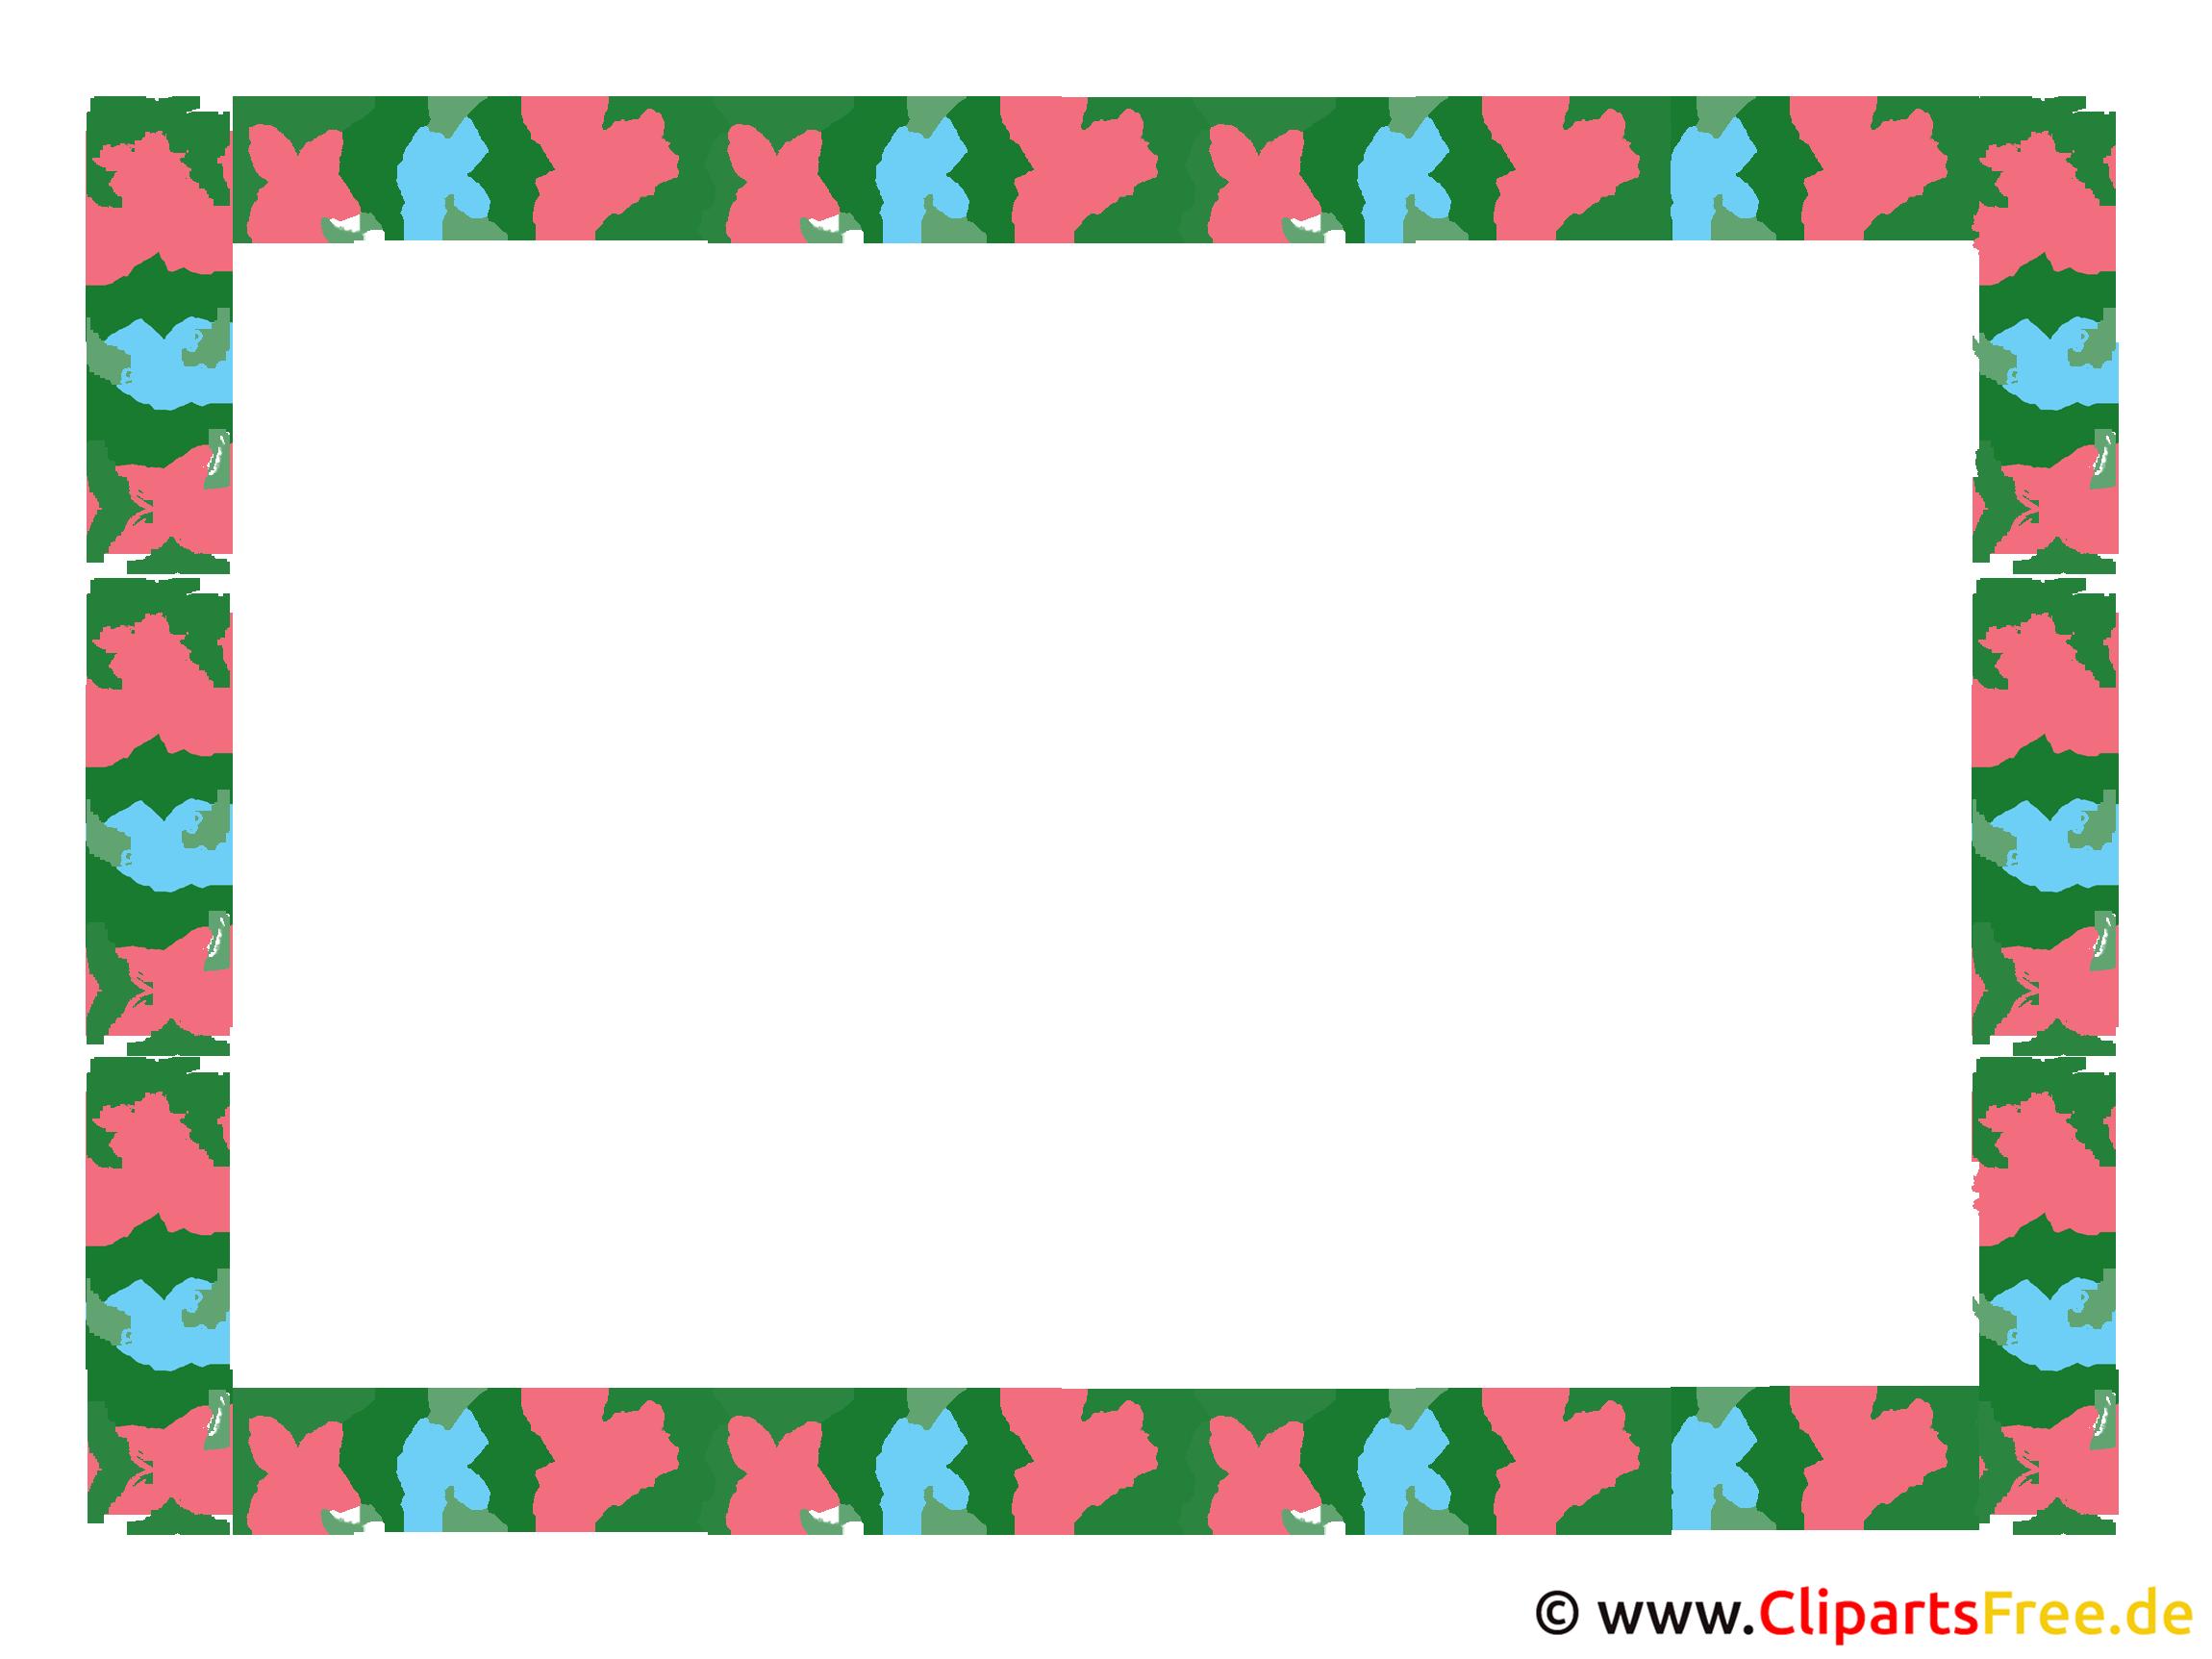 Bilderrahmen mit schönen Blumen